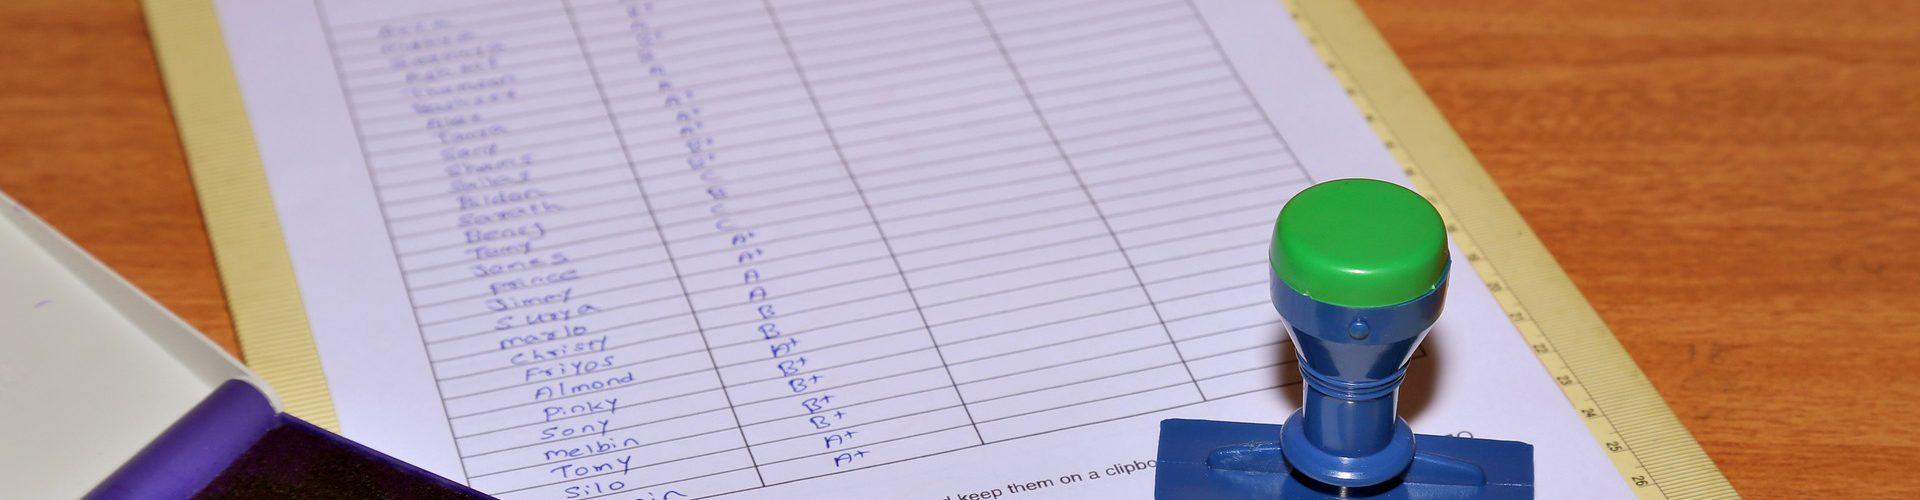 Bild zeigt einen Prüfungsbogen mit Stempel